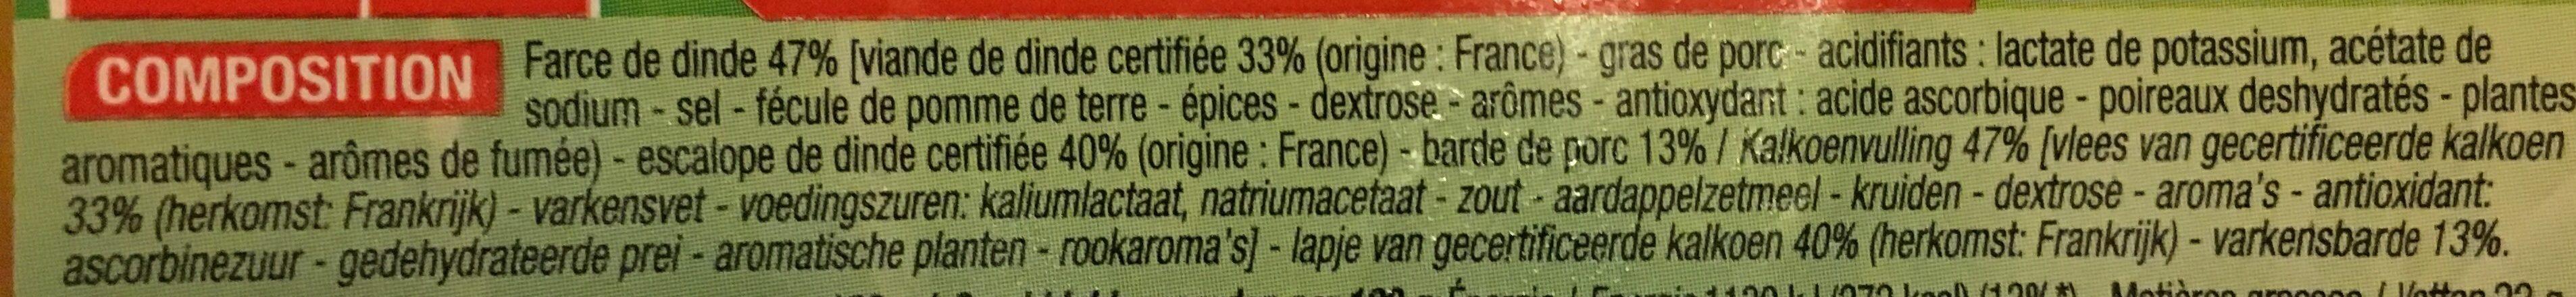 4 Paupiettes de Dinde - Ingrédients - fr